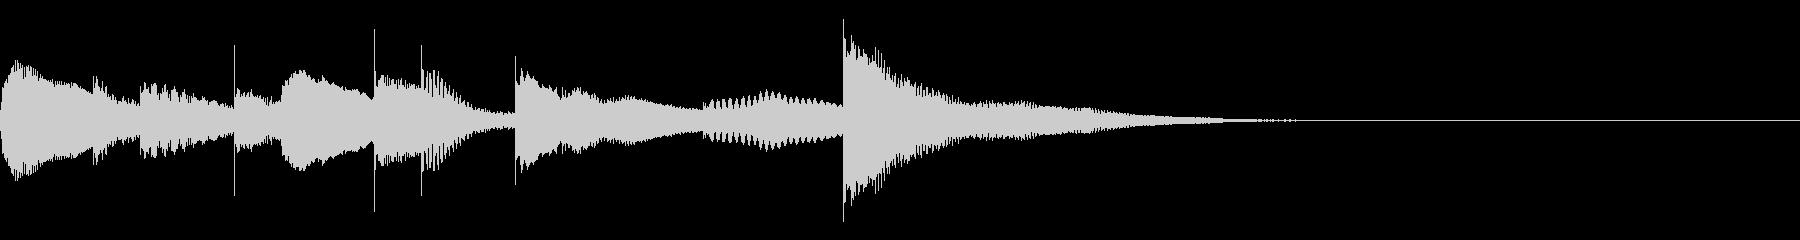 マリンバとグロッケンのジングル1の未再生の波形